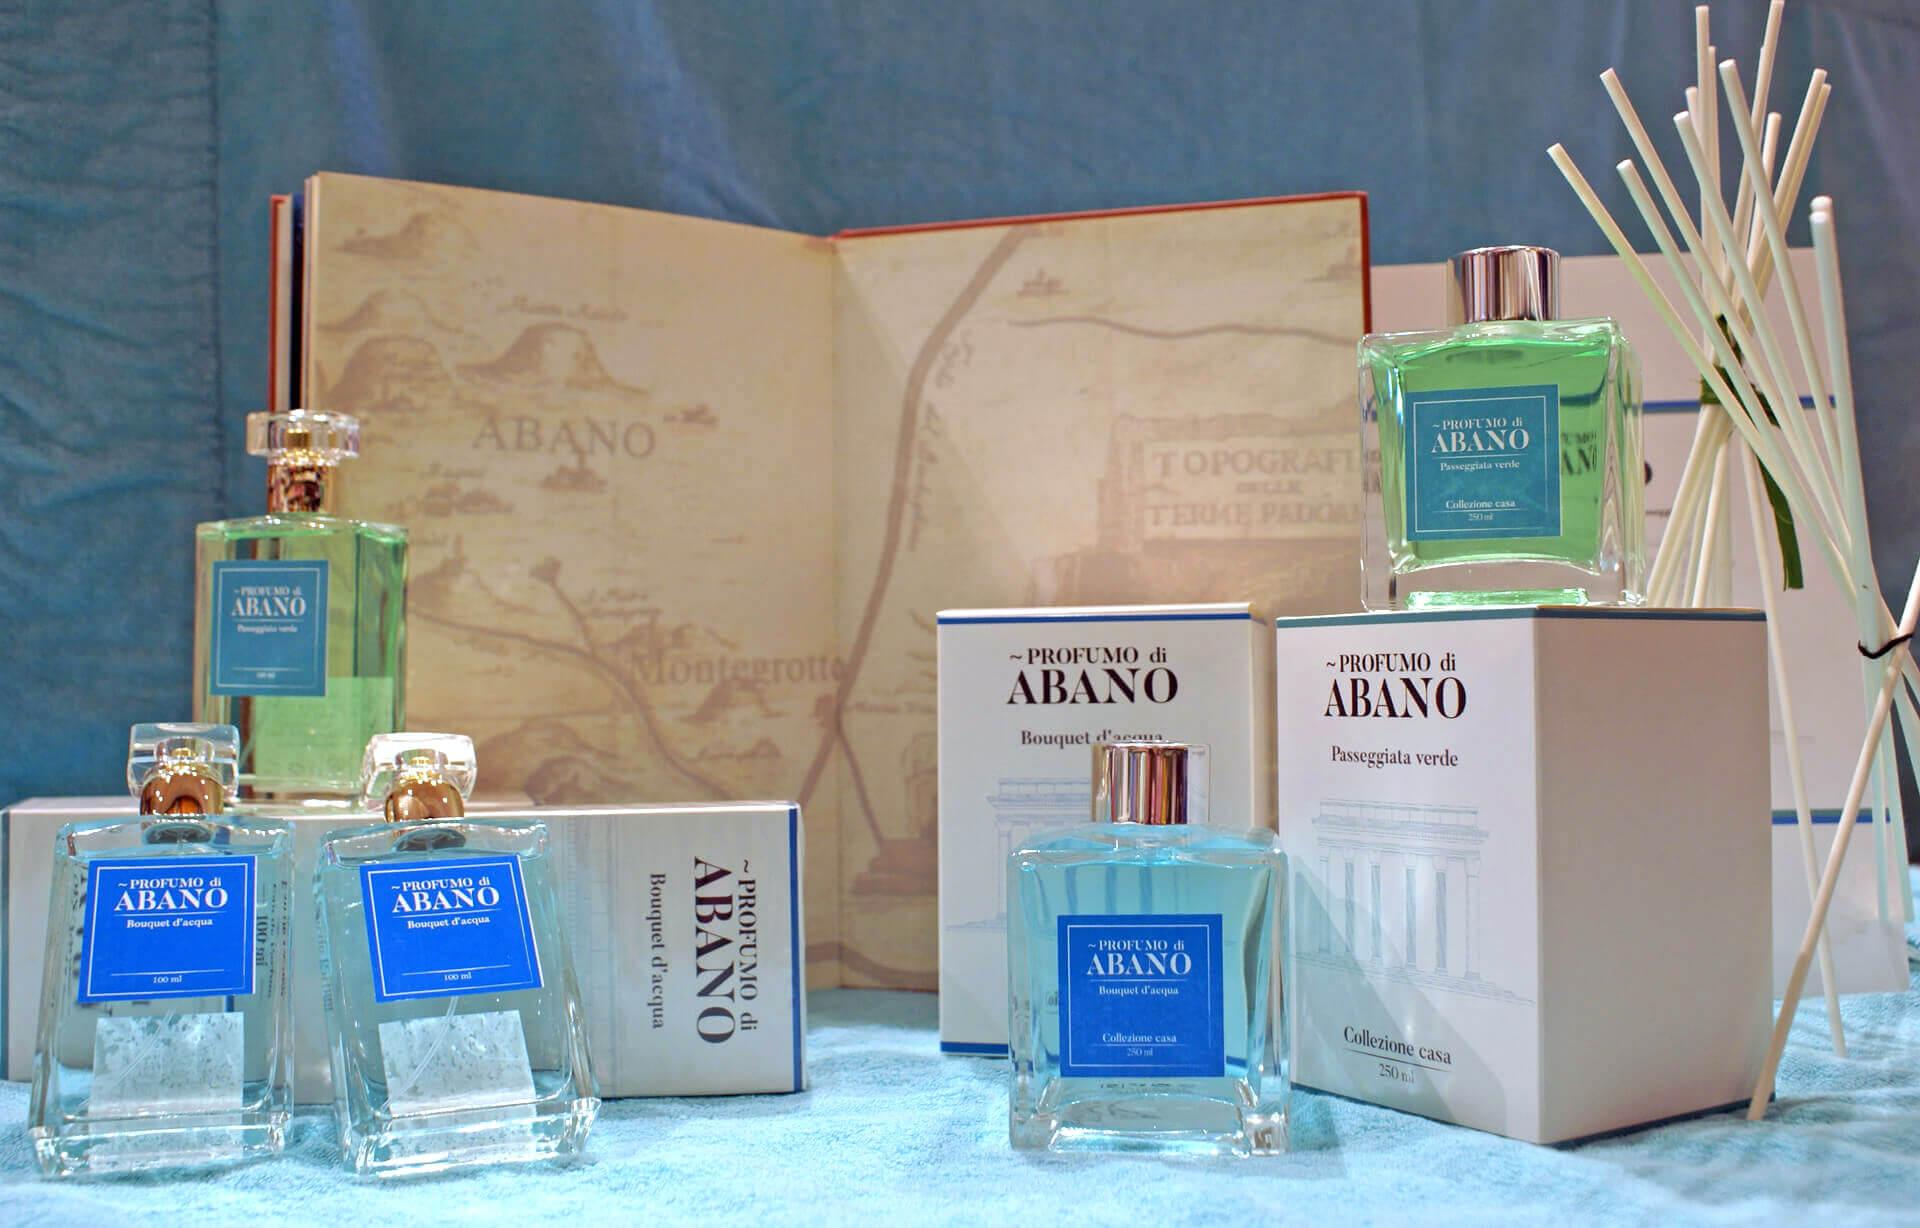 Profumo di Abano - Le fragranze di Abano Terme